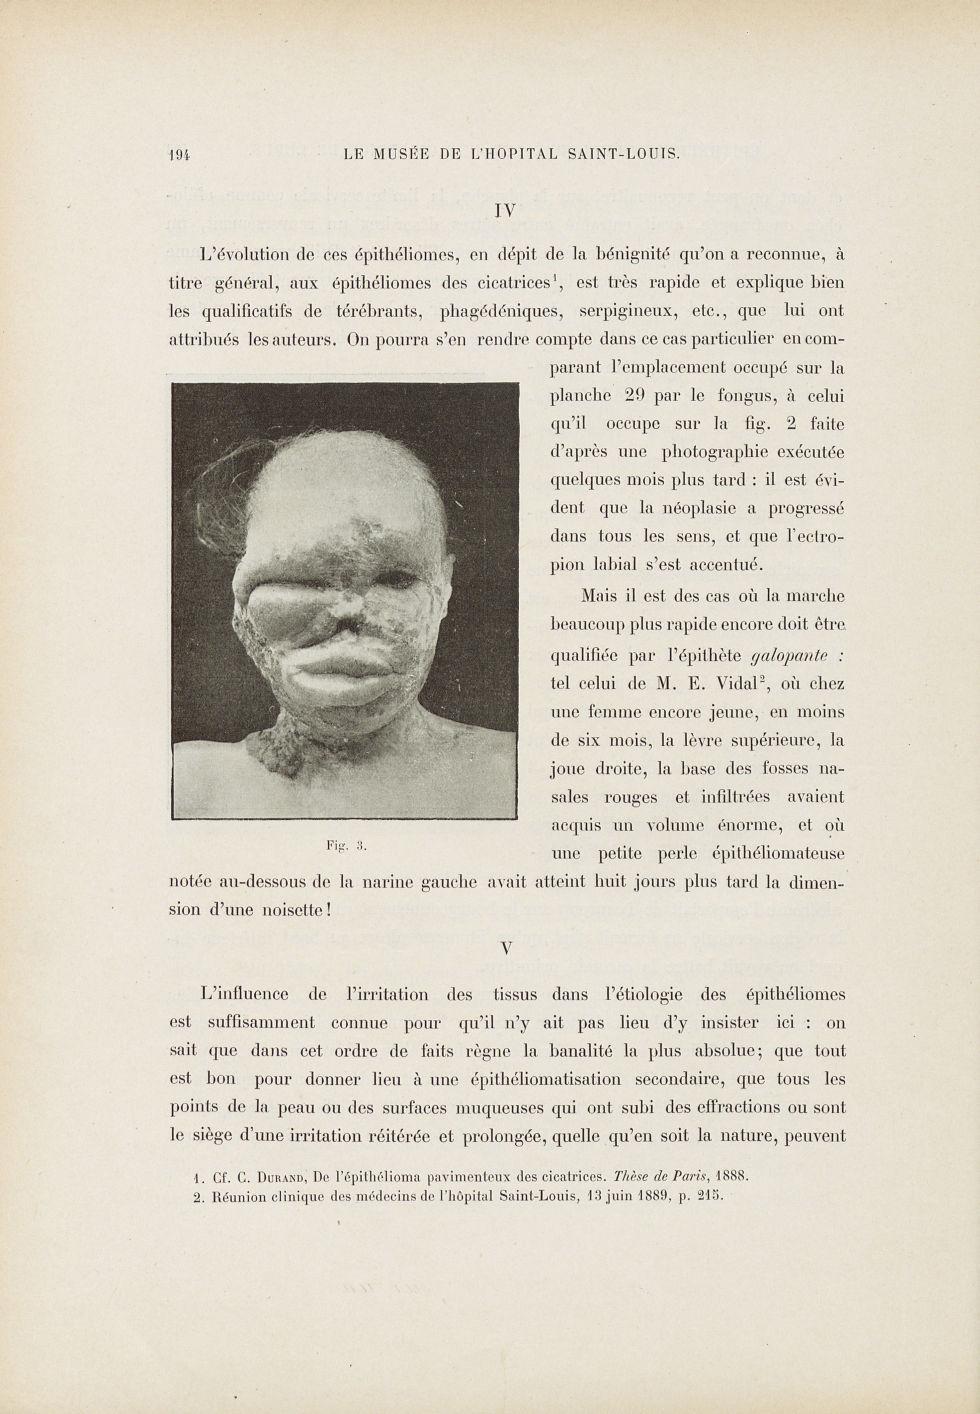 Fig. 3. [Epithéliome] - Le musée de l'hôpital Saint-Louis : iconographie des maladies cutanées et sy [...] - Dermatologie (peau). Visages (têtes). 19e siècle (France) - med01740x0230